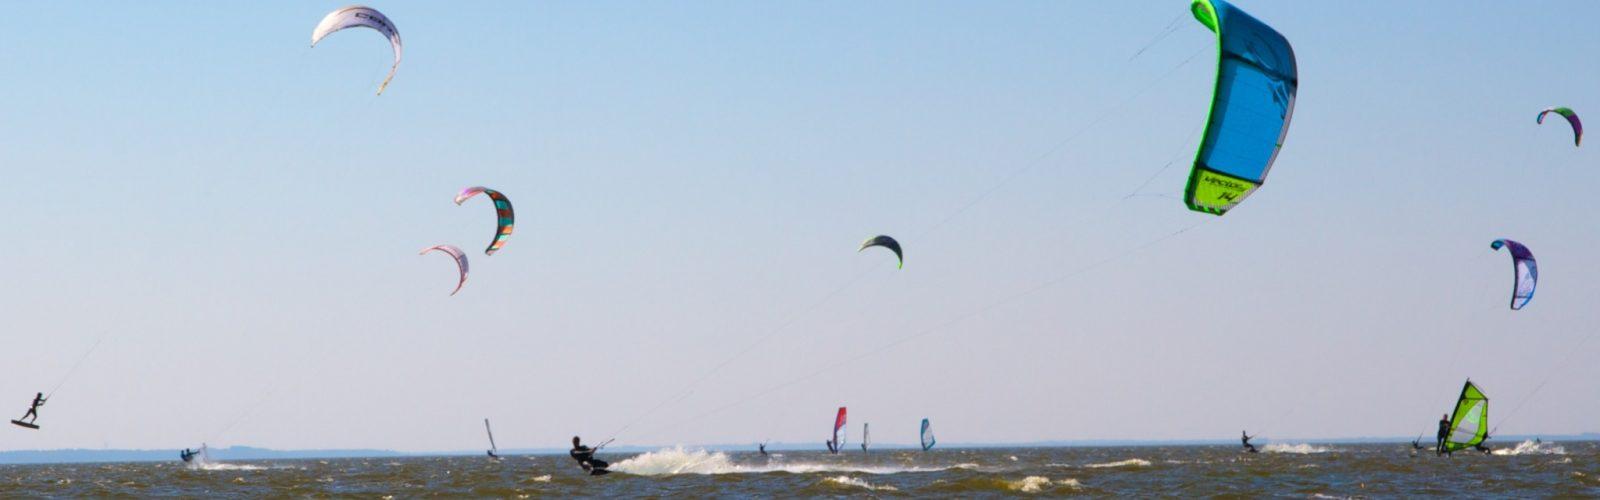 Kitesurfrevier